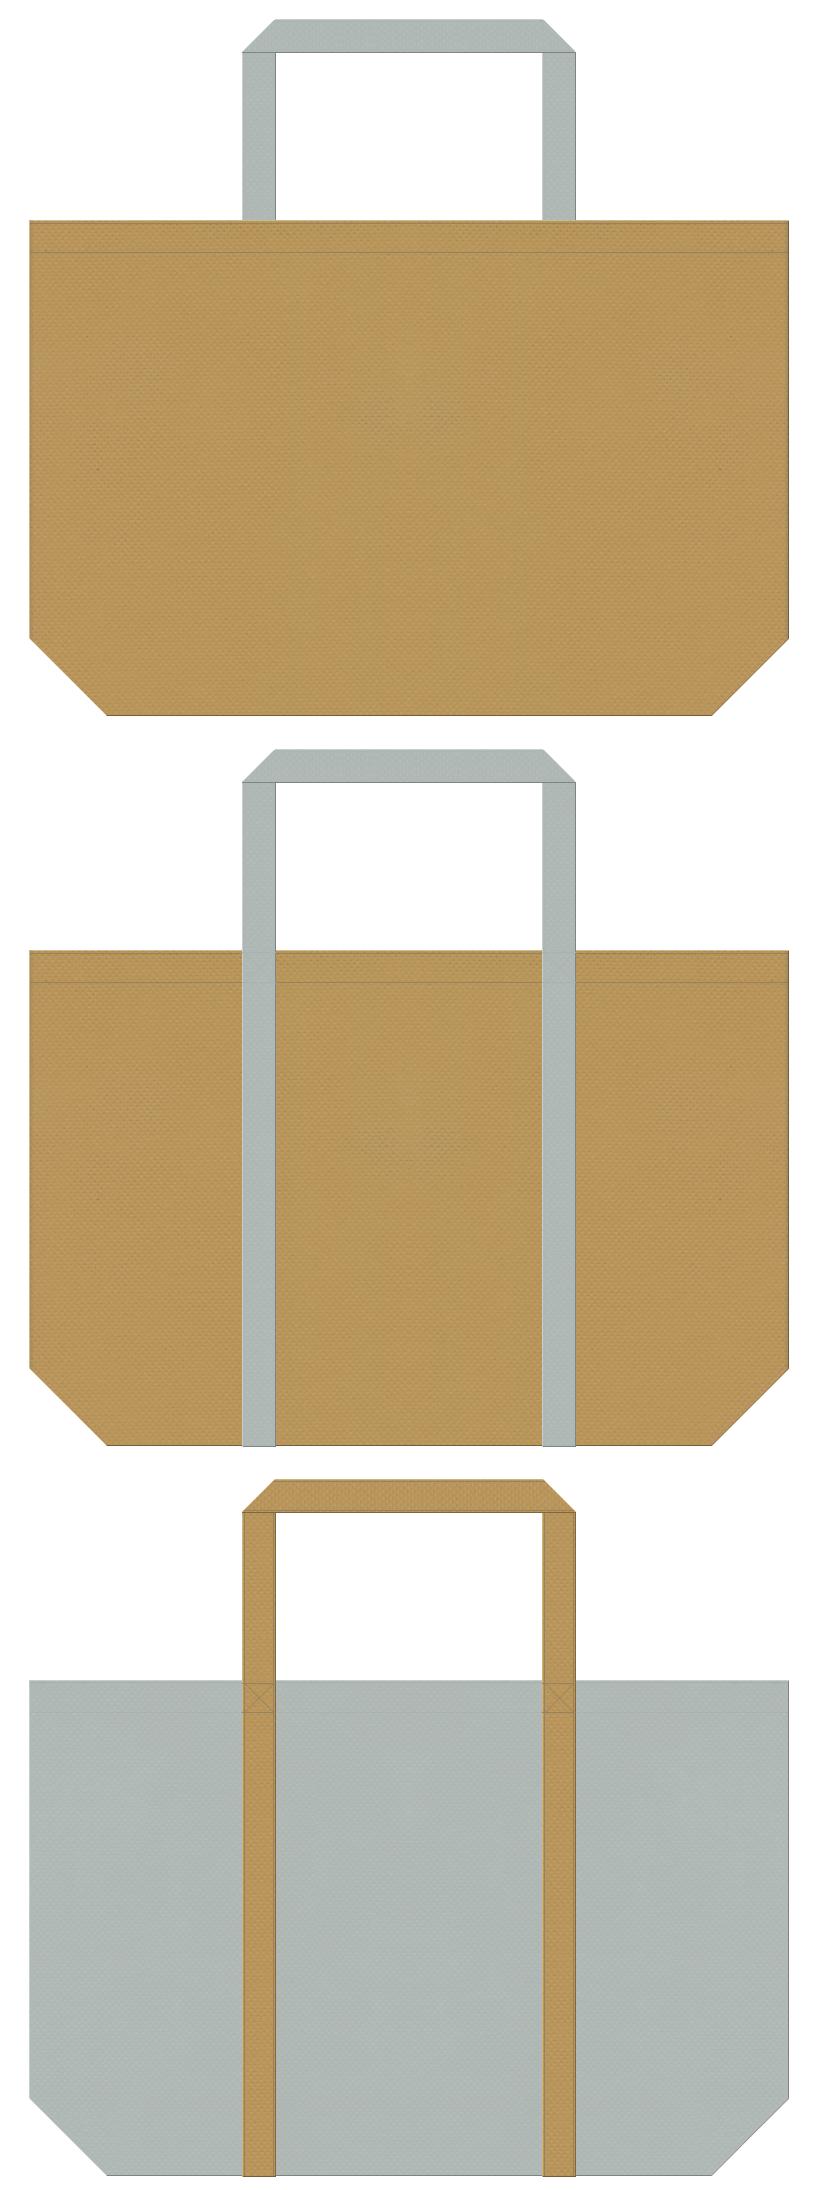 金色系黄土色とグレー色の不織布ショッピングバッグデザイン。